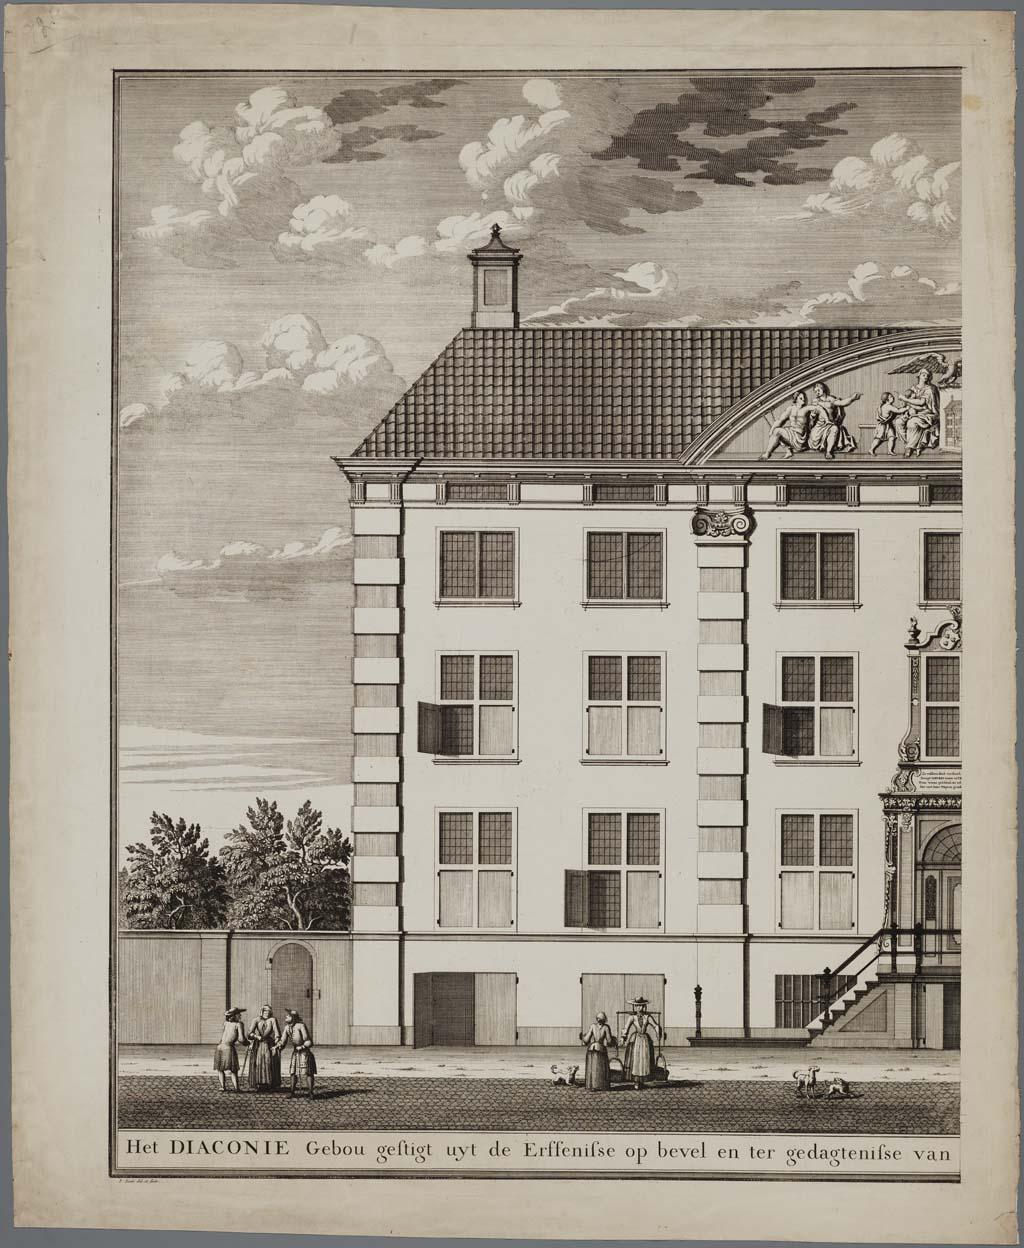 Het diaconie Gebou gestigt uyt de Erfenisse op bevel en ter gedagtenisse van Wylen den Ed. Heer en Mr. Ian Corver & Vrouwe Sara Maria Trip, 1723, 2-delige prent van het Corvershof, Nieuwe Heerengracht, Amsterdam (voorzijde)(linkerhelft)